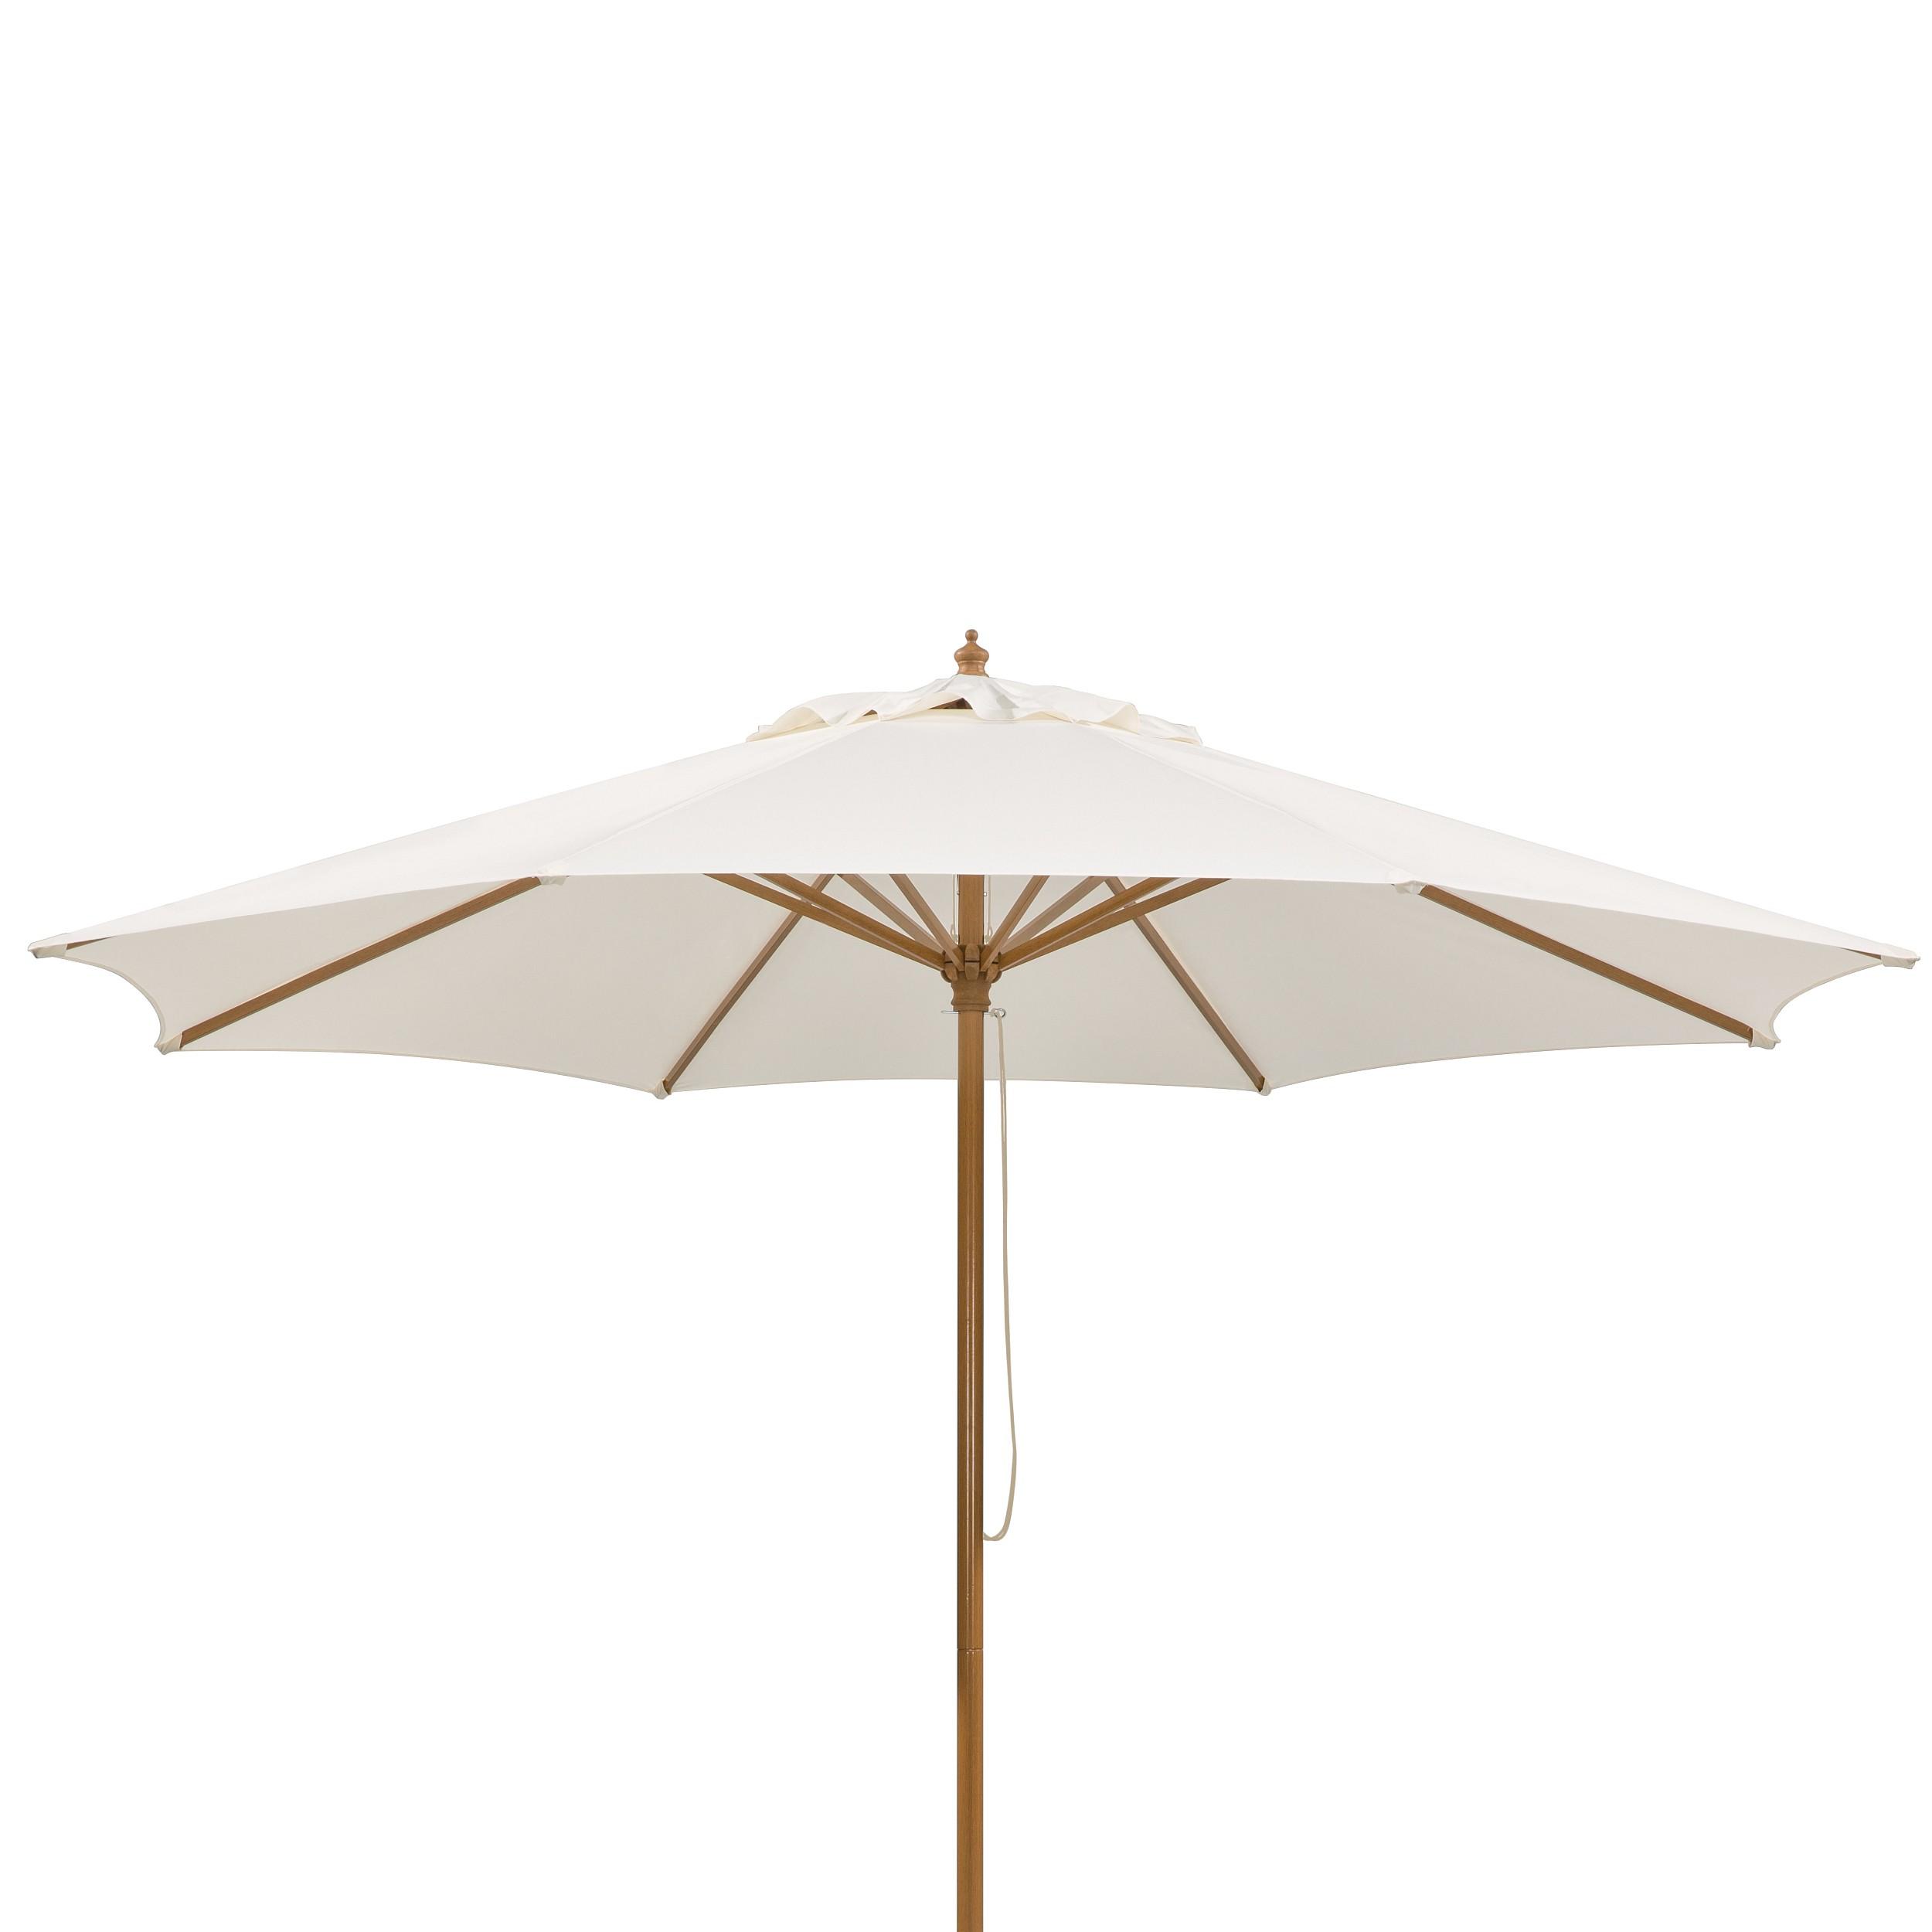 Marktschirm Malaga - Aluminium/Polyester - Natur, Schneider Schirme